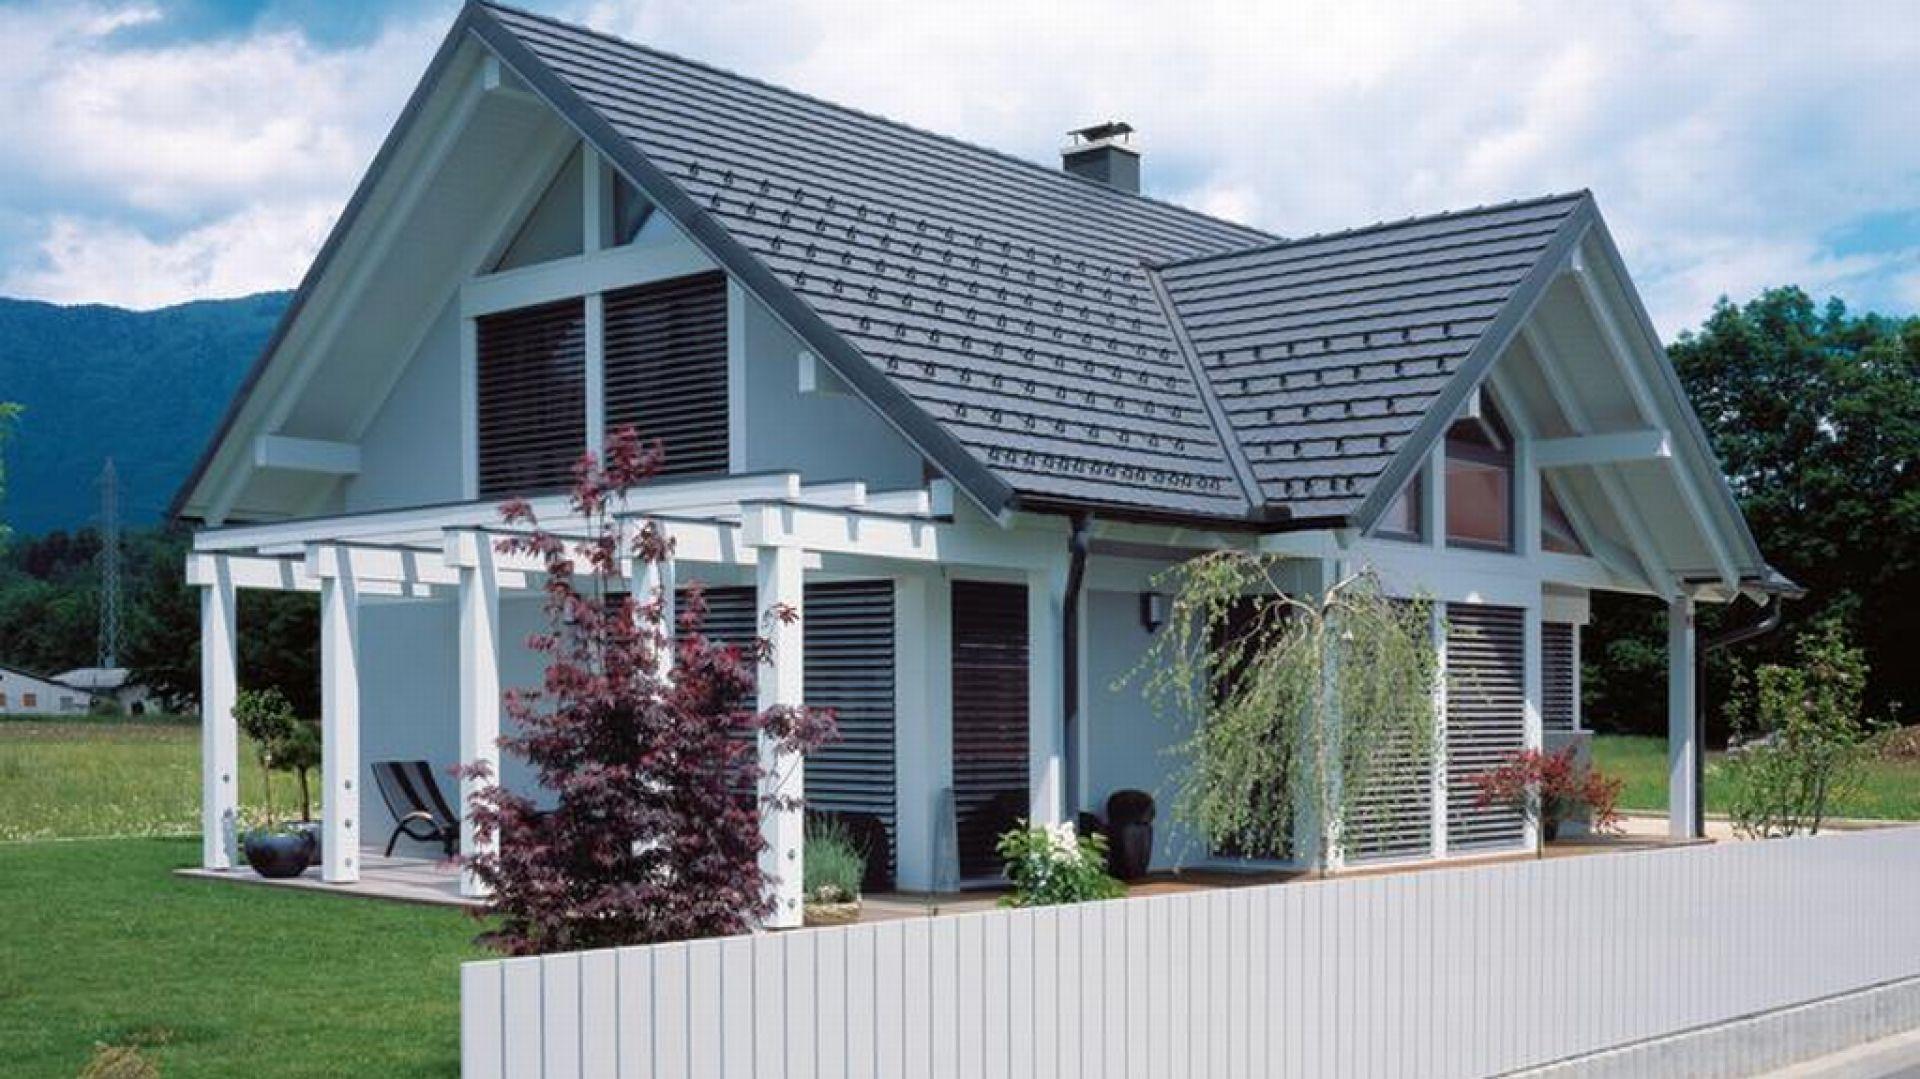 Wszędzie dobrze, ale w domu najlepiej… Trudno się nie zgodzić z tym powiedzeniem. Abyśmy mogli jednak czuć się w nim bezpiecznie, należy skonstruować solidny dach, dzięki któremu będziemy spać spokojnie. Taki komfort zapewnią nam dachówki ceramiczne bądź cementowe. Fot. Creaton Polska